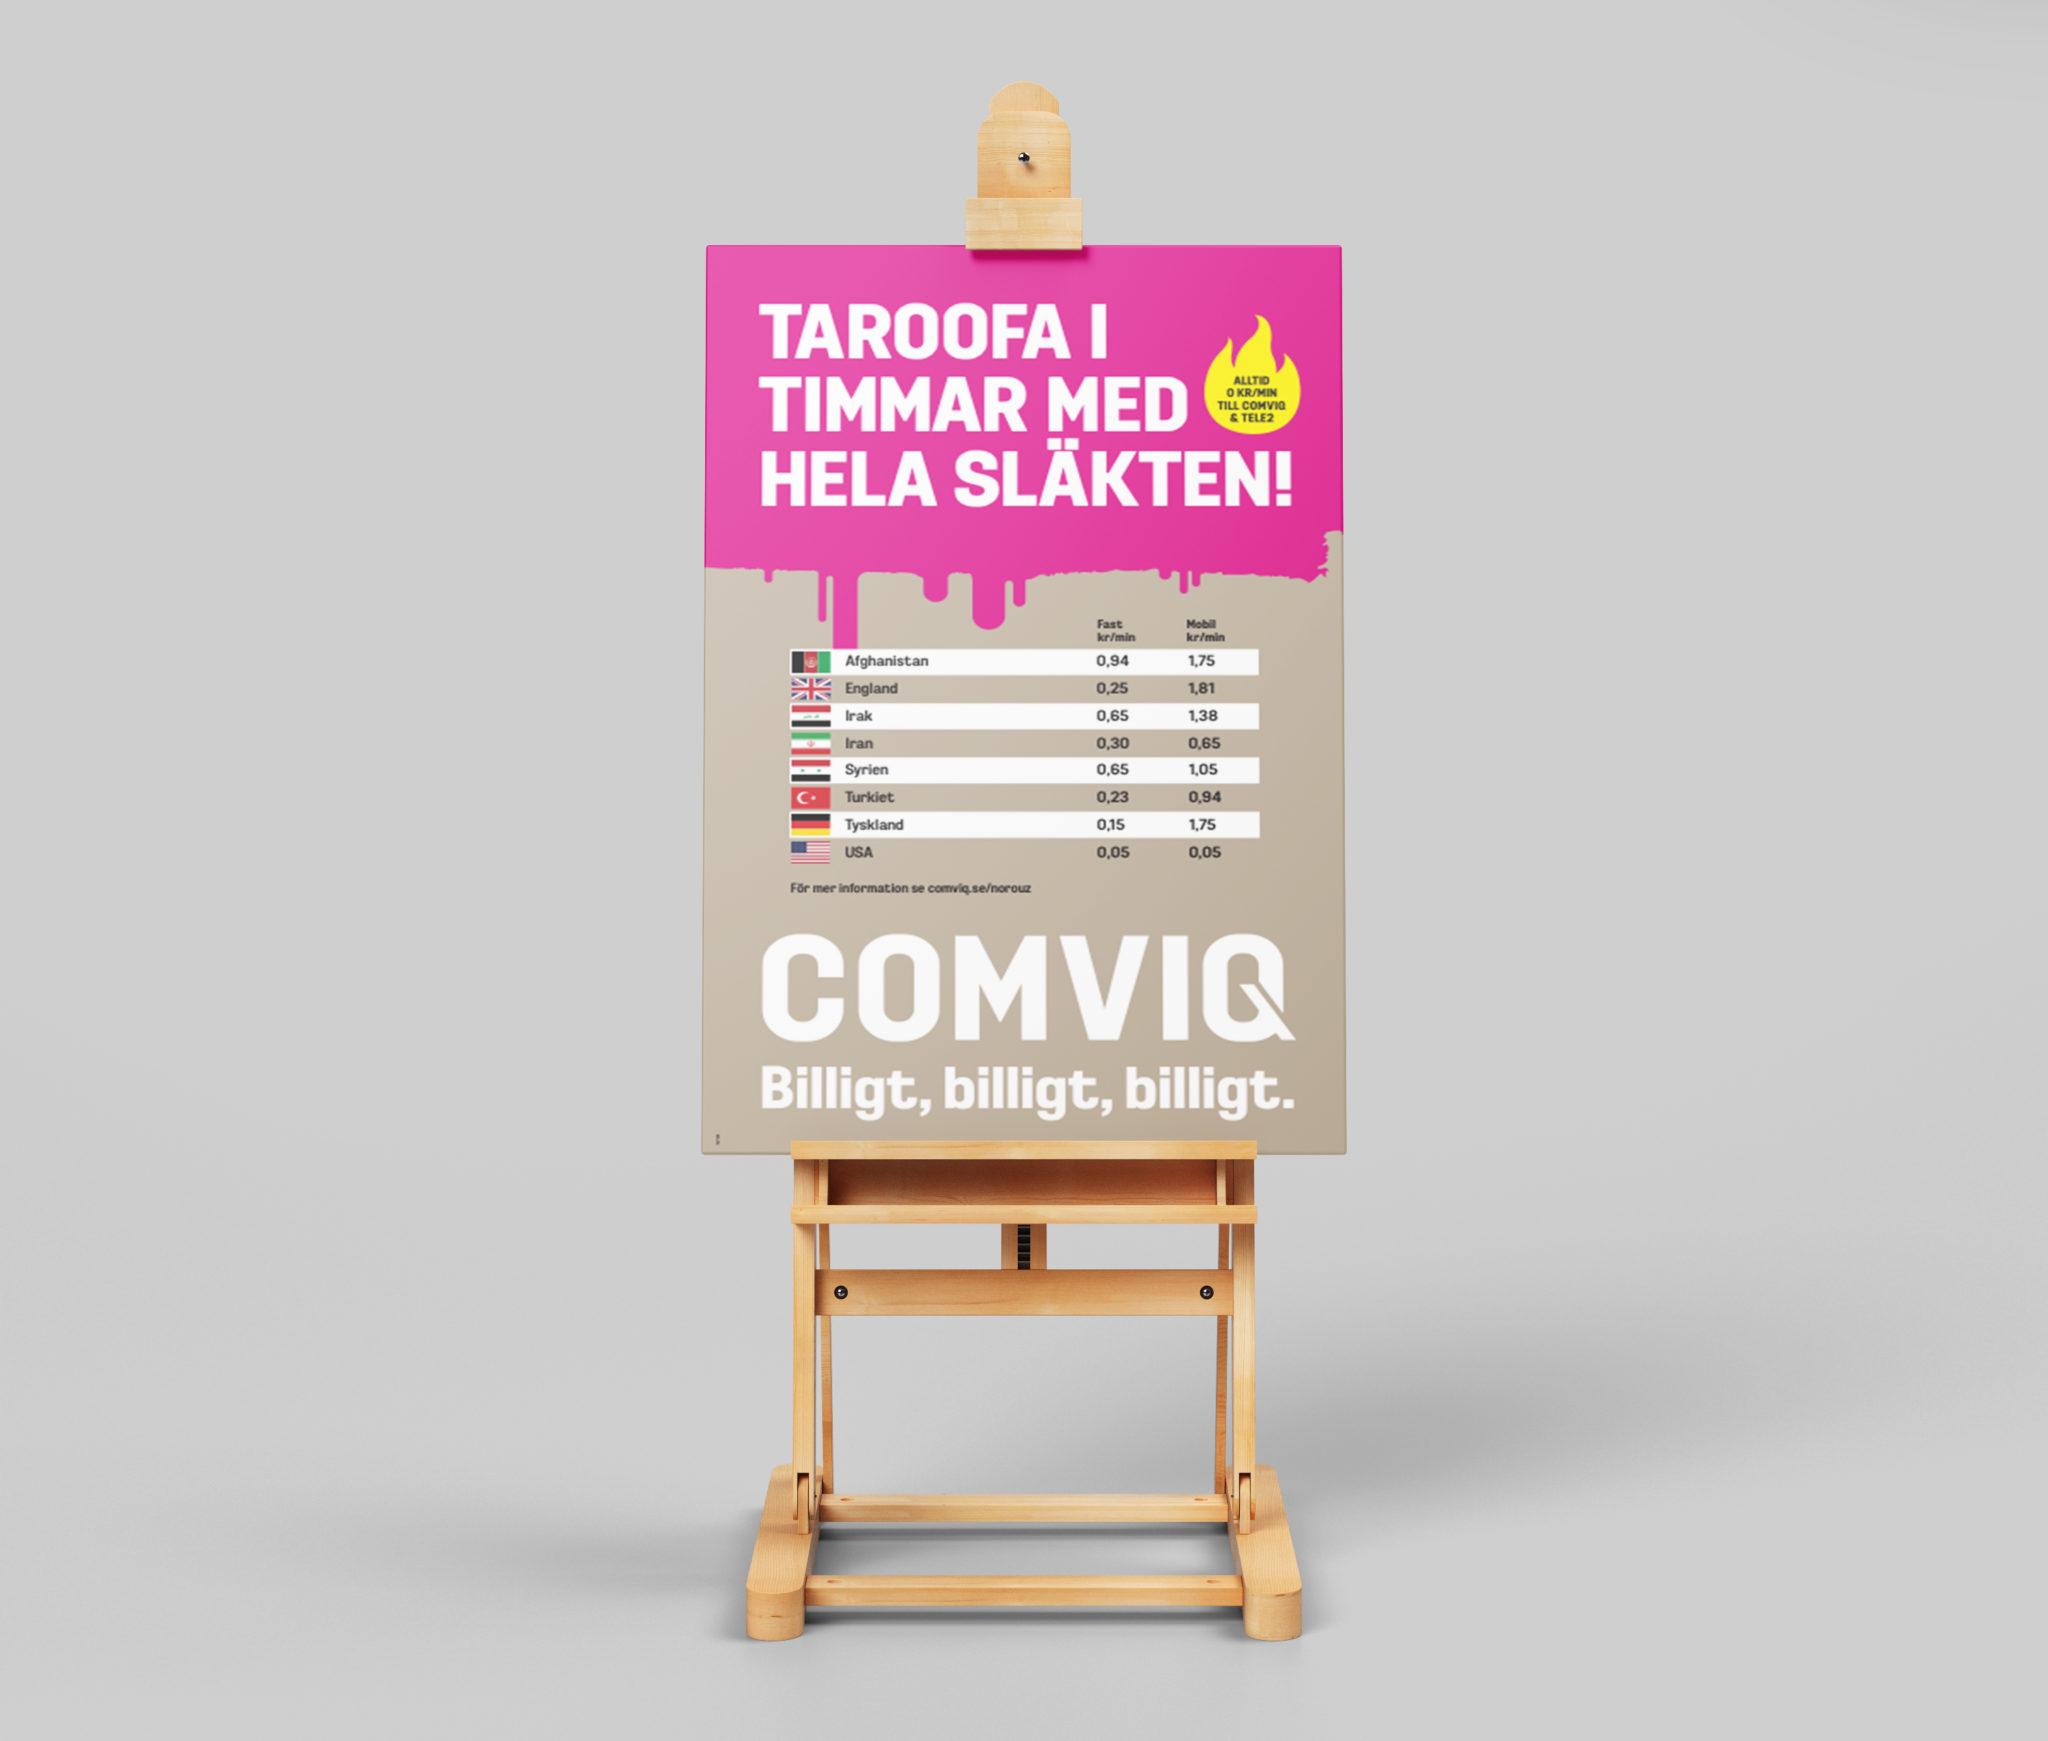 Comviq Amigos Taroofa